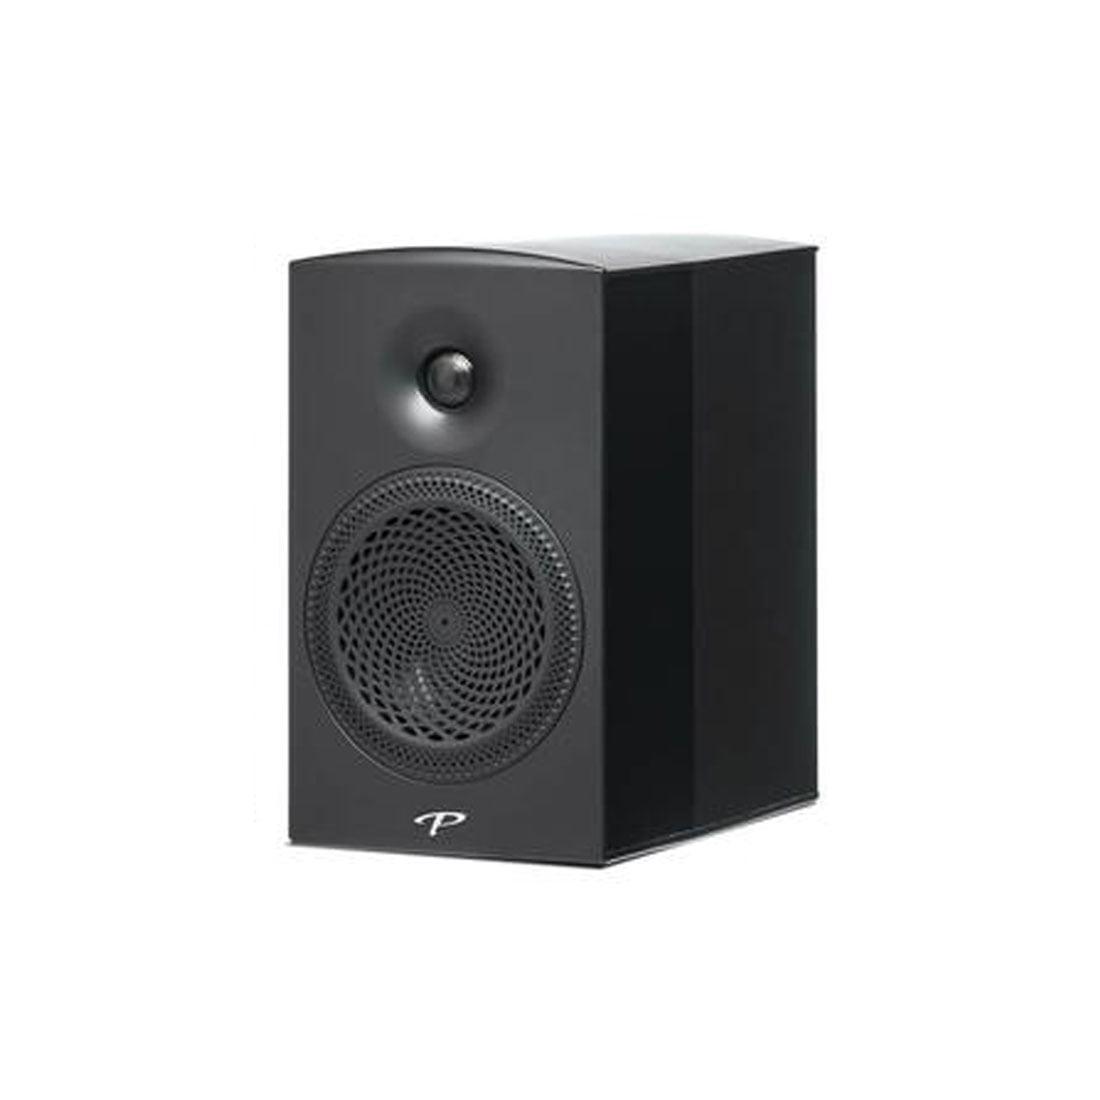 Paradigm Premier 200B Bookshelf Speaker - Gloss Black